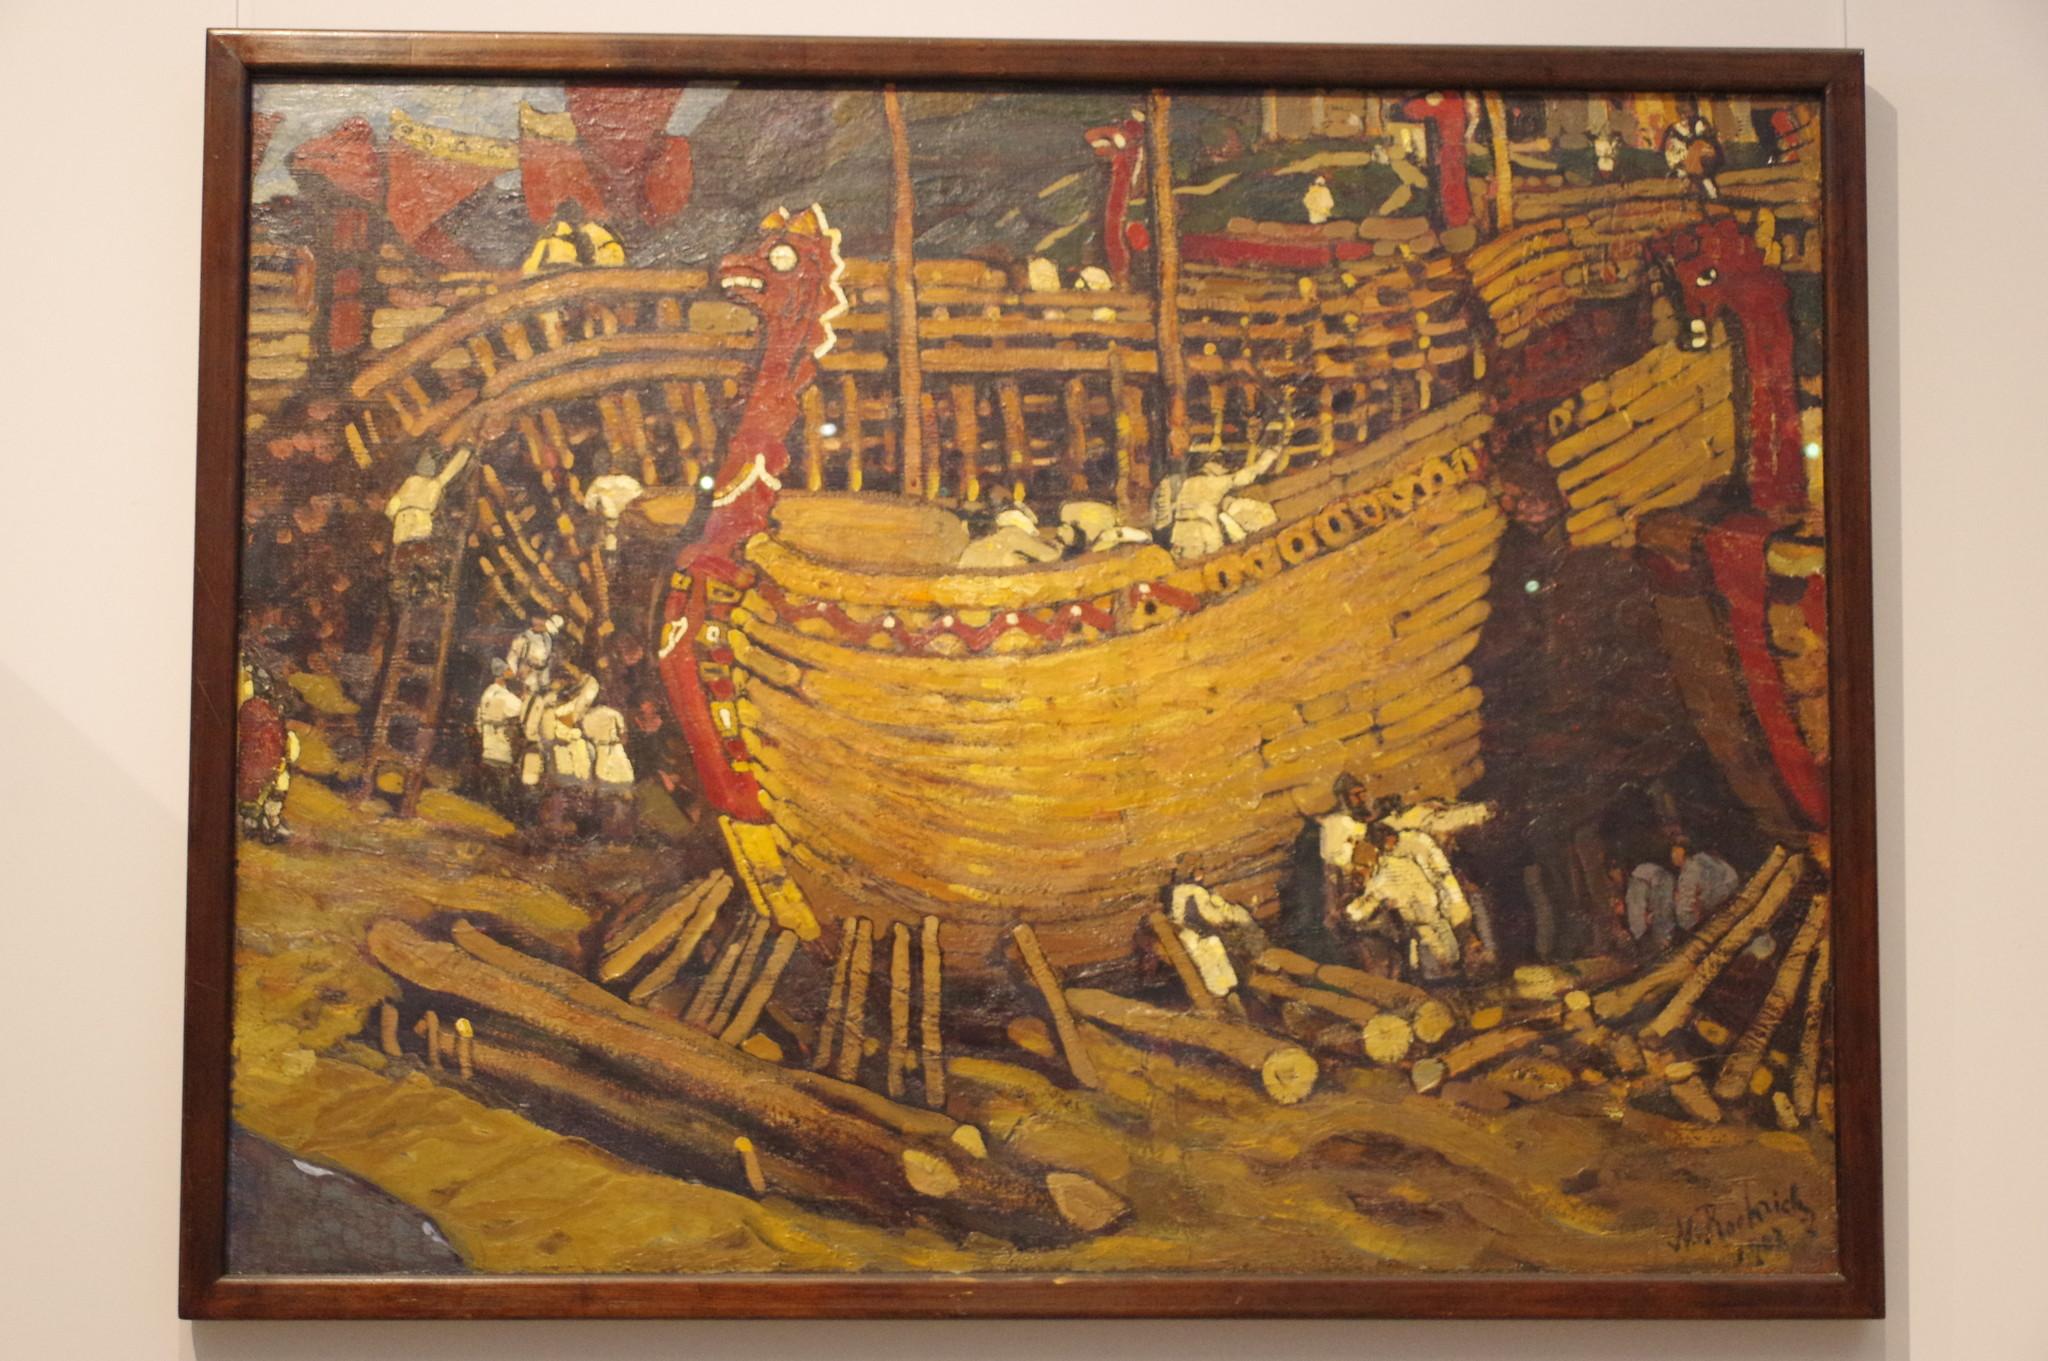 «Строят ладьи». 1903 г. Холст, масло. Рерих Н.К. Музей Рерихов (филиал Государственного Музея Востока) на ВДНХ